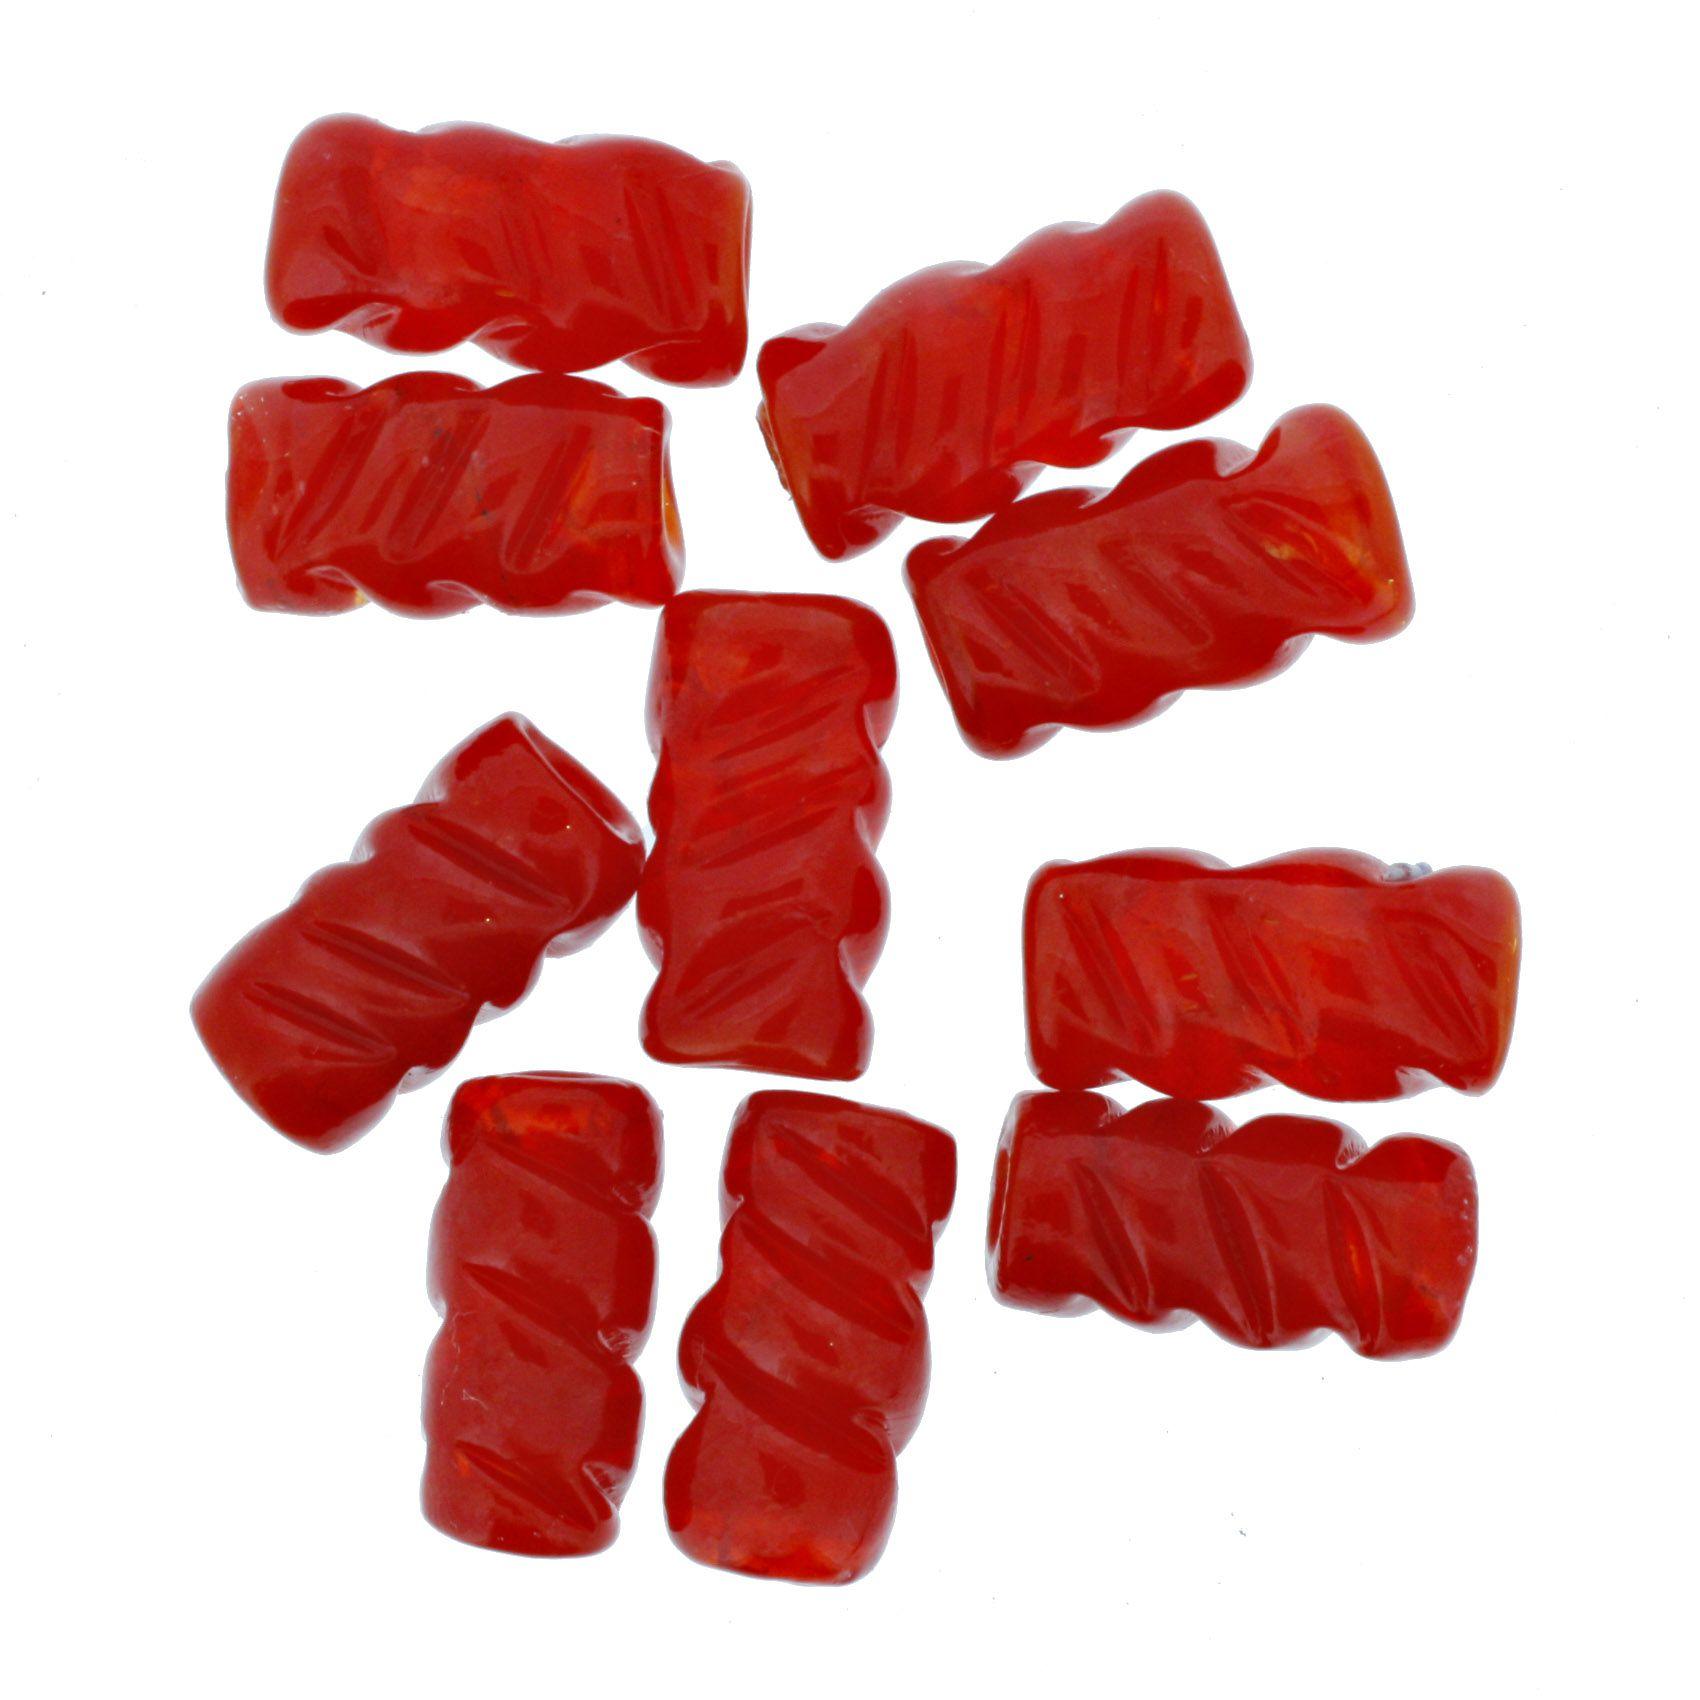 Firma Frisada - Vermelha  - Stéphanie Bijoux® - Peças para Bijuterias e Artesanato